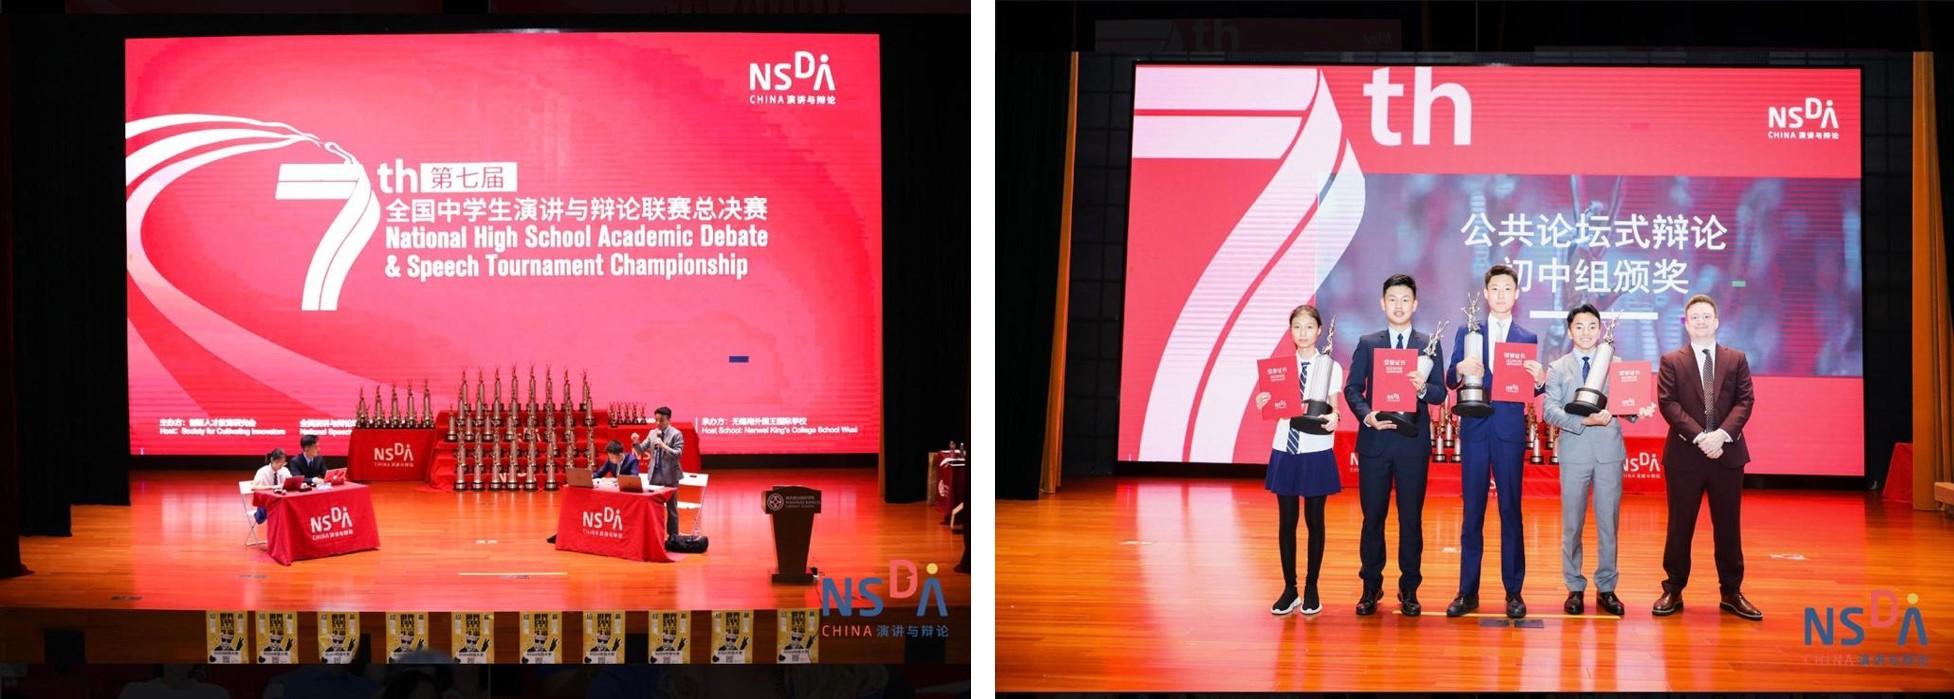 guan-rong-t-and-jeffrey-w-at-national-speech-and-debate-association-nsda-national-championships-awar-北京德威英国国际学校